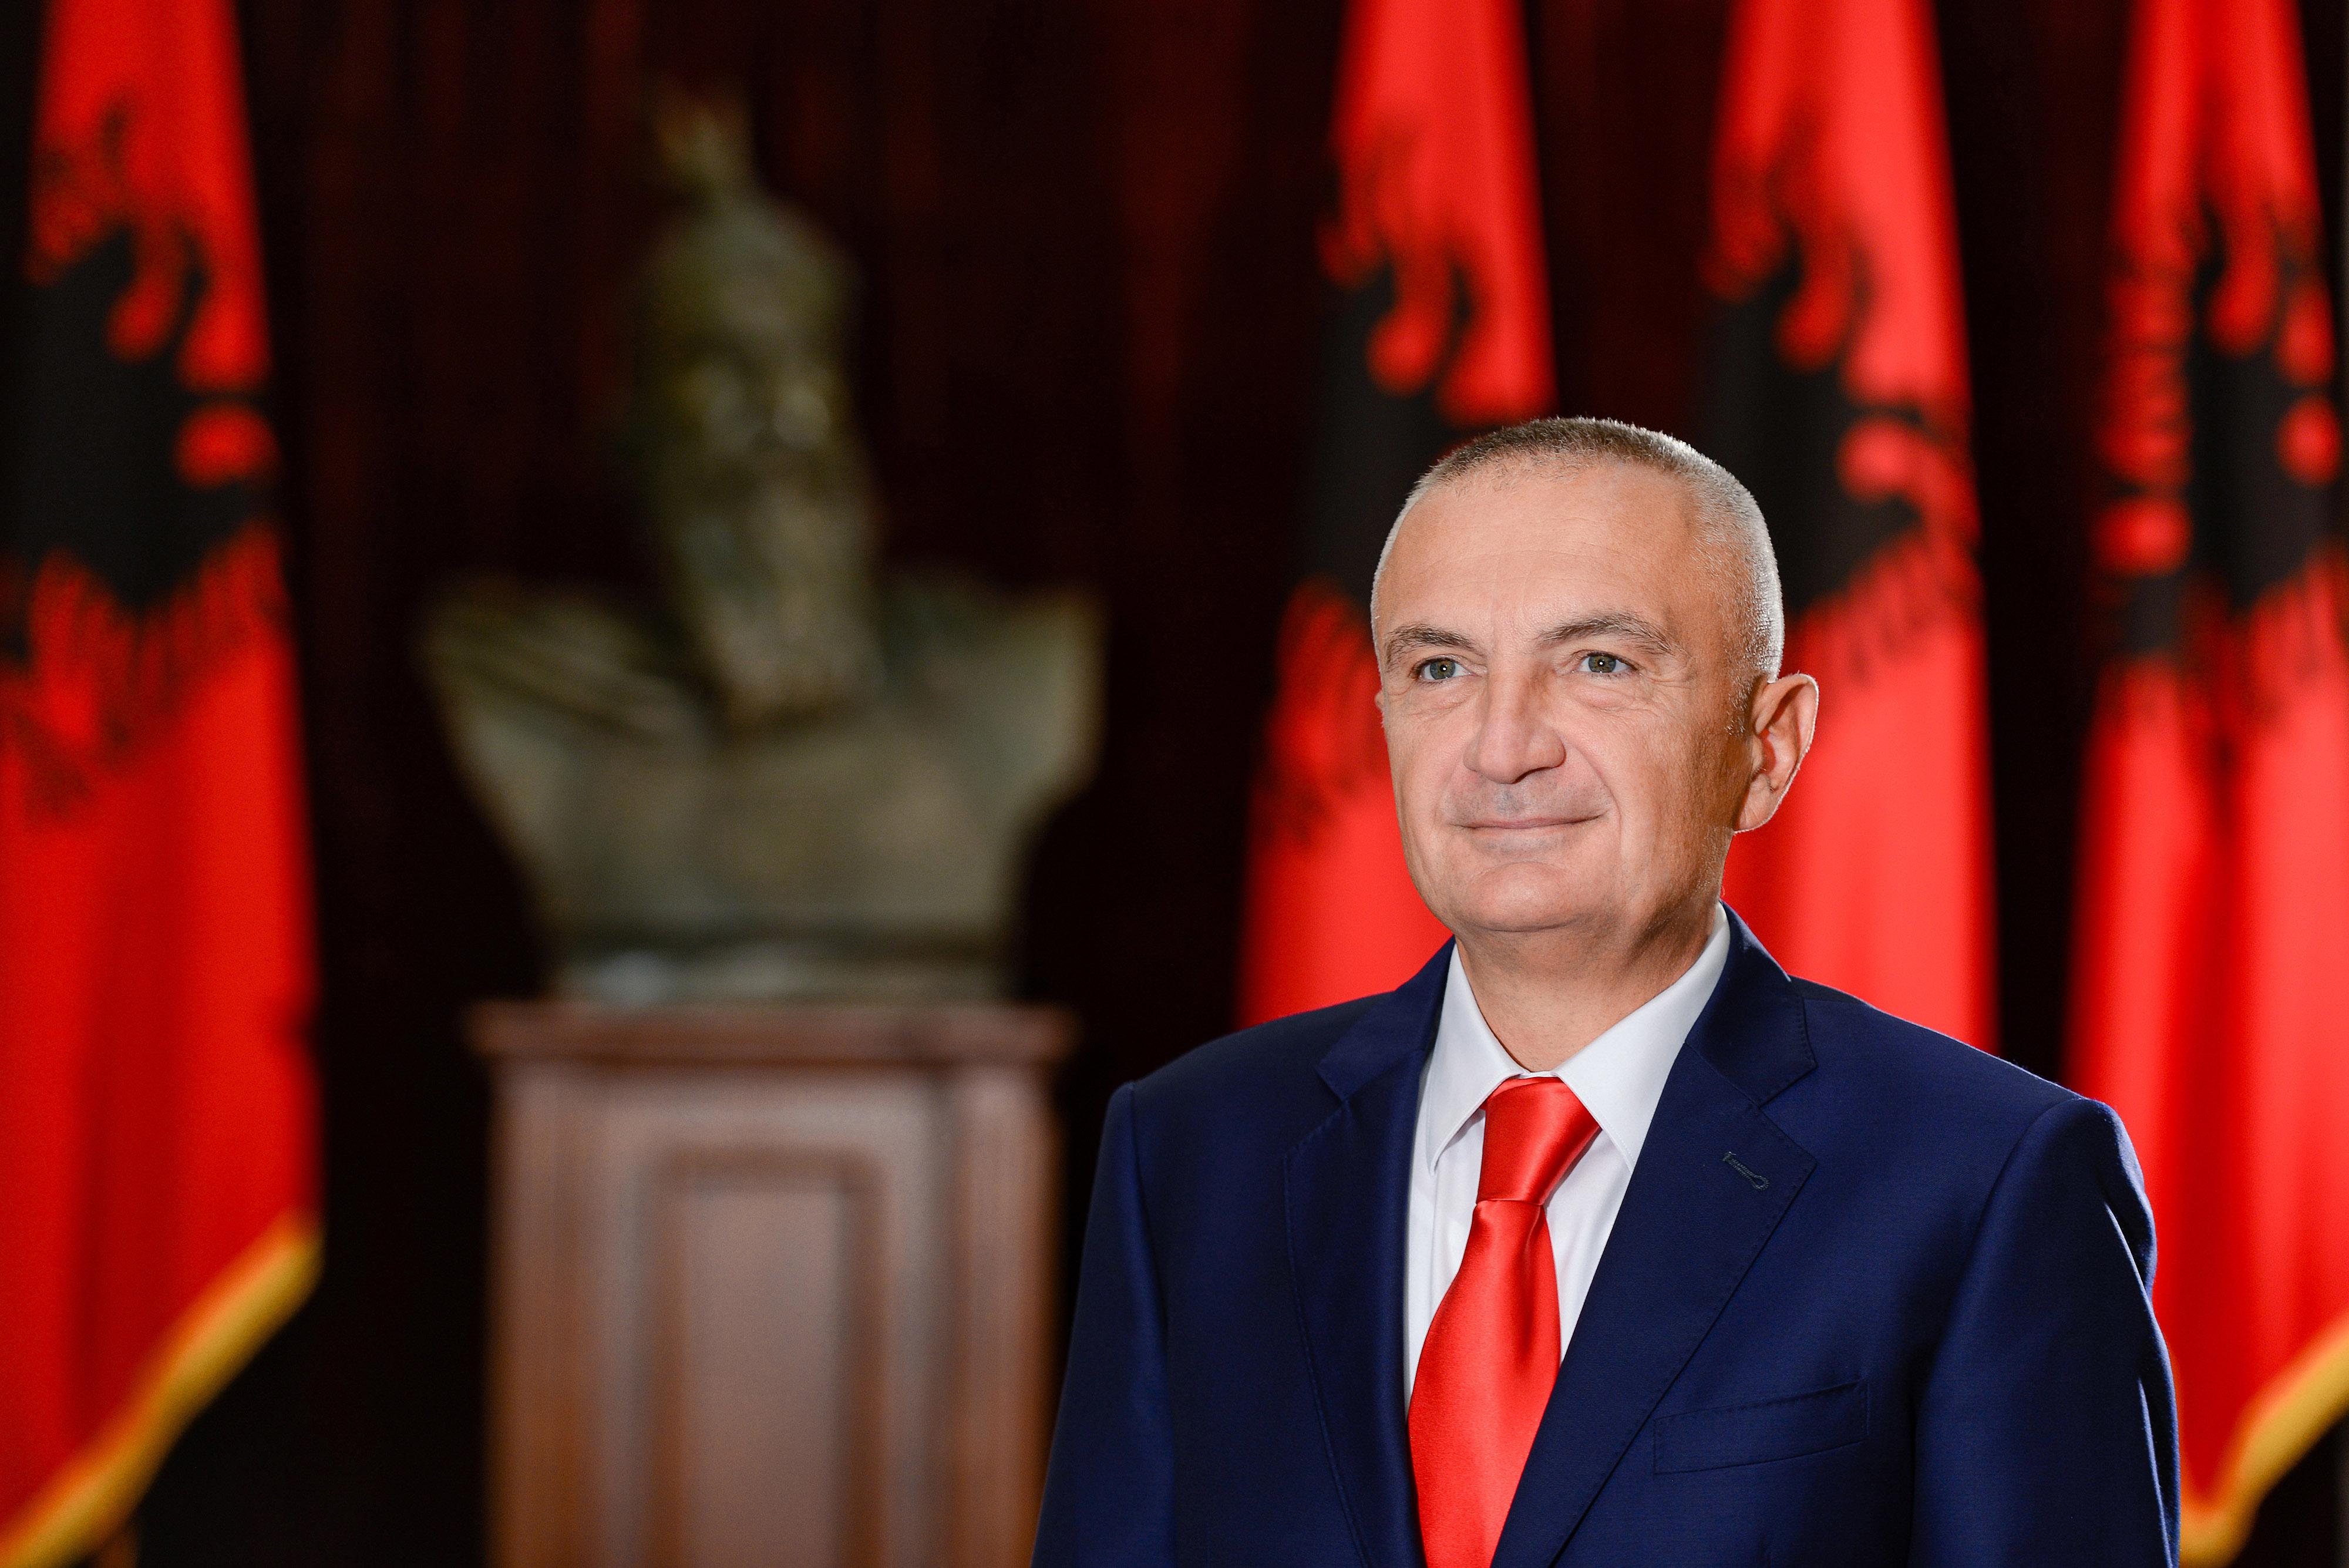 Presidenti Ilir Meta: Kur një politikan akuzohet duhet të përballet, jo të ikë